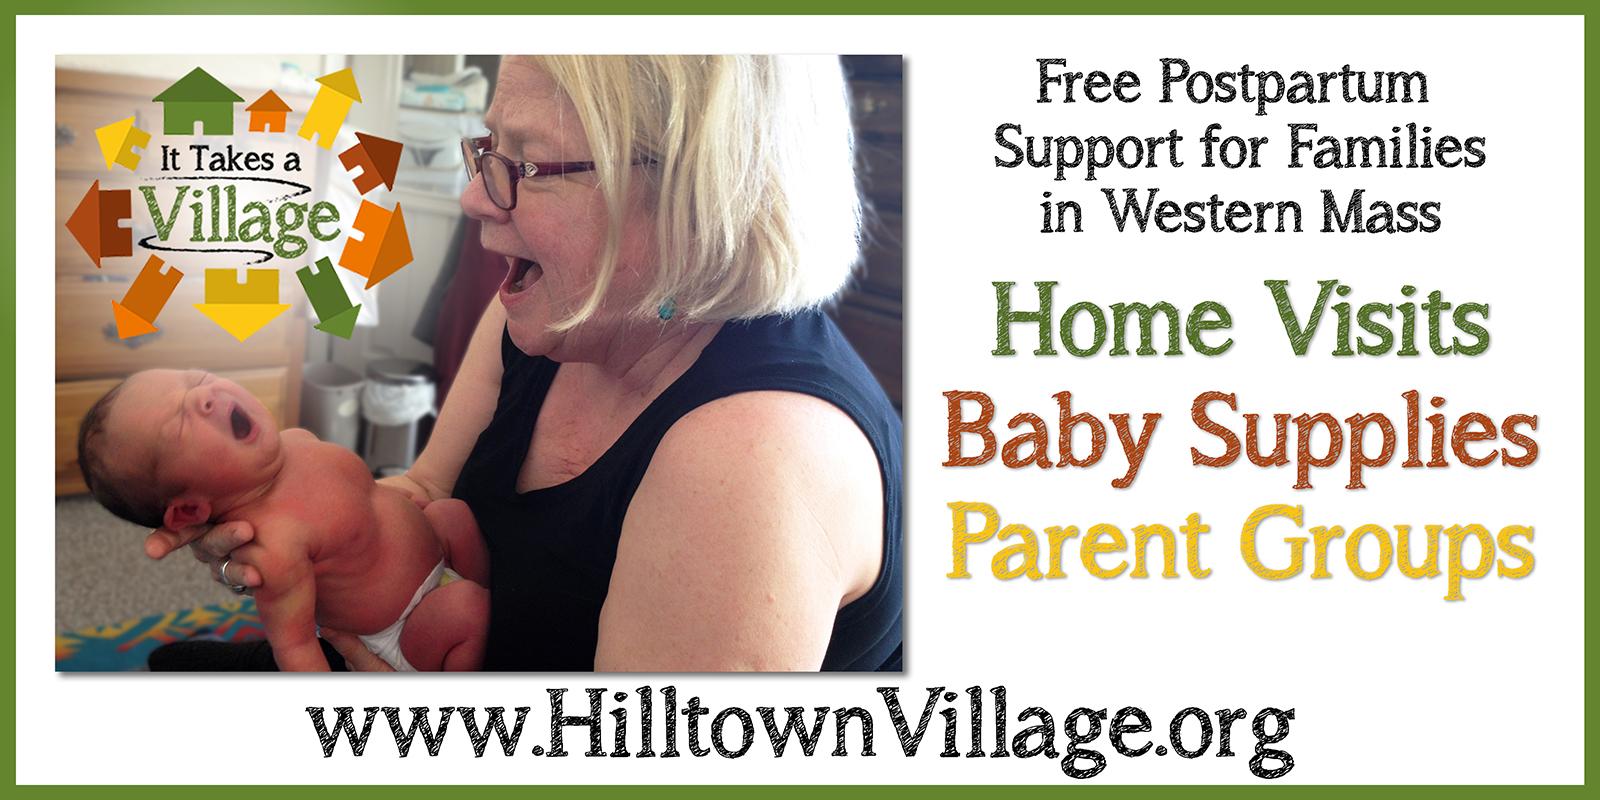 Hilltown Village